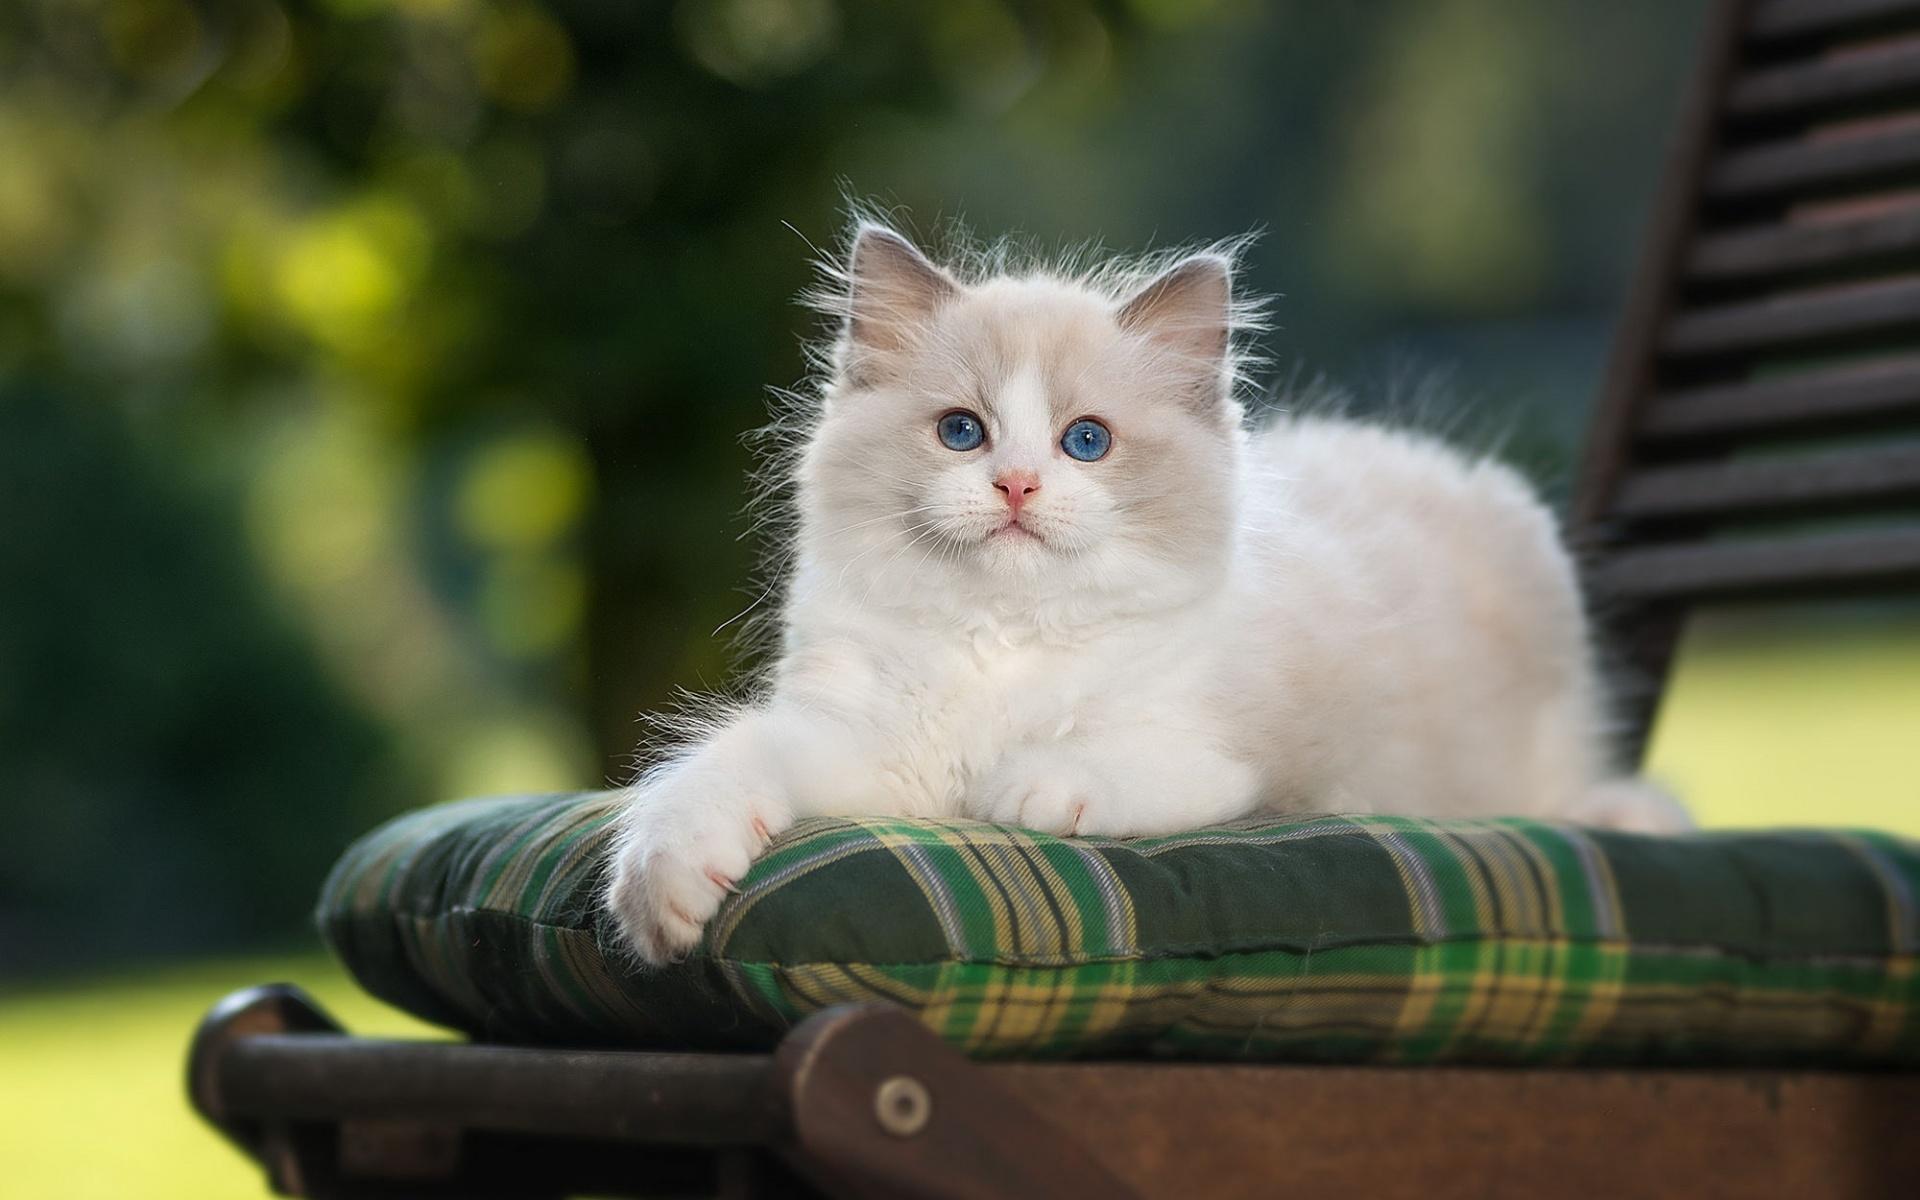 Качественные картинки кошек